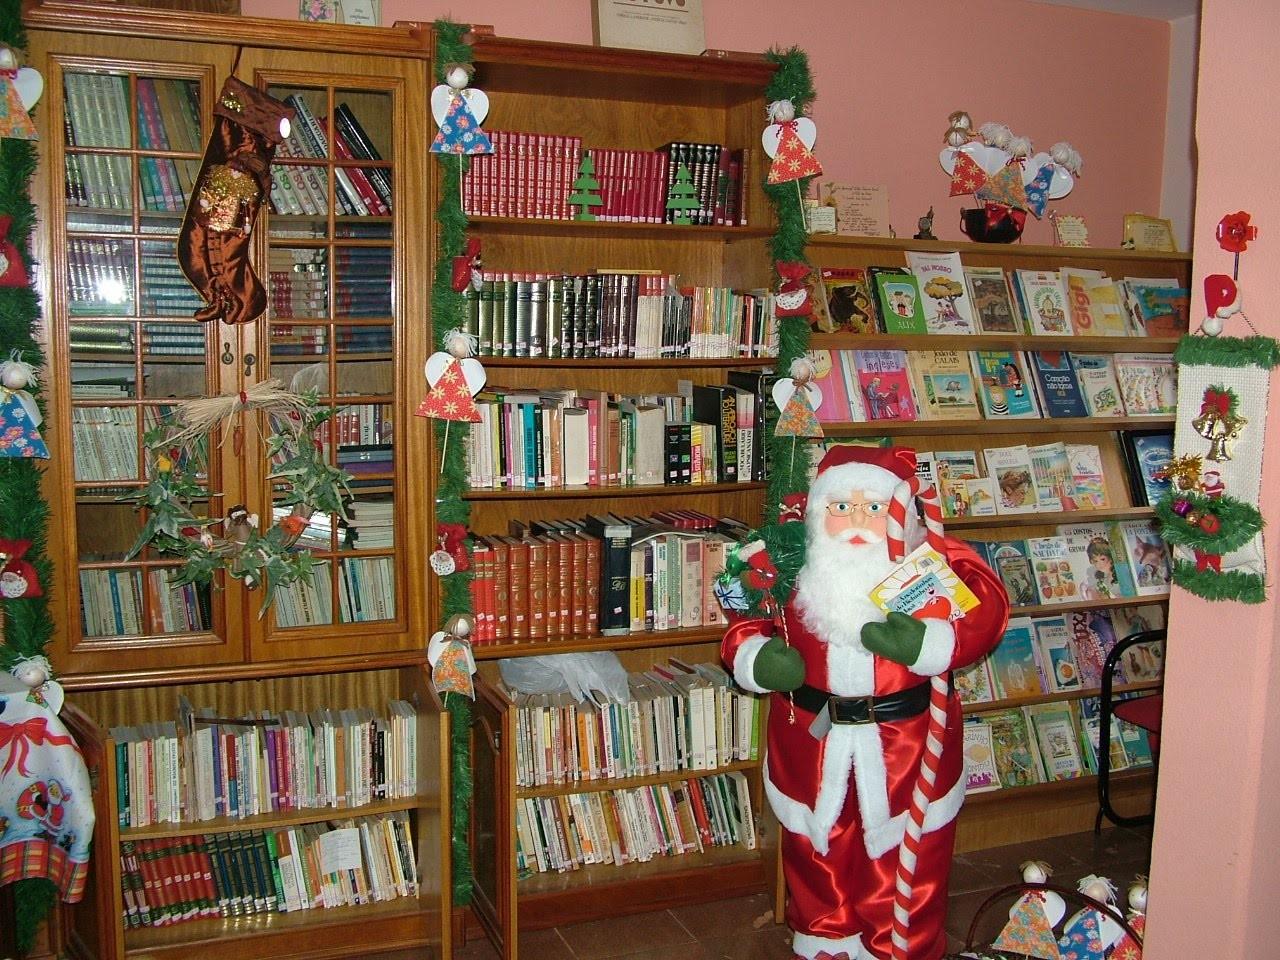 A iniciativa de uma professora para homenagear a irmã falecida se tornou um local de leitura e conhecimento em Mandaguari